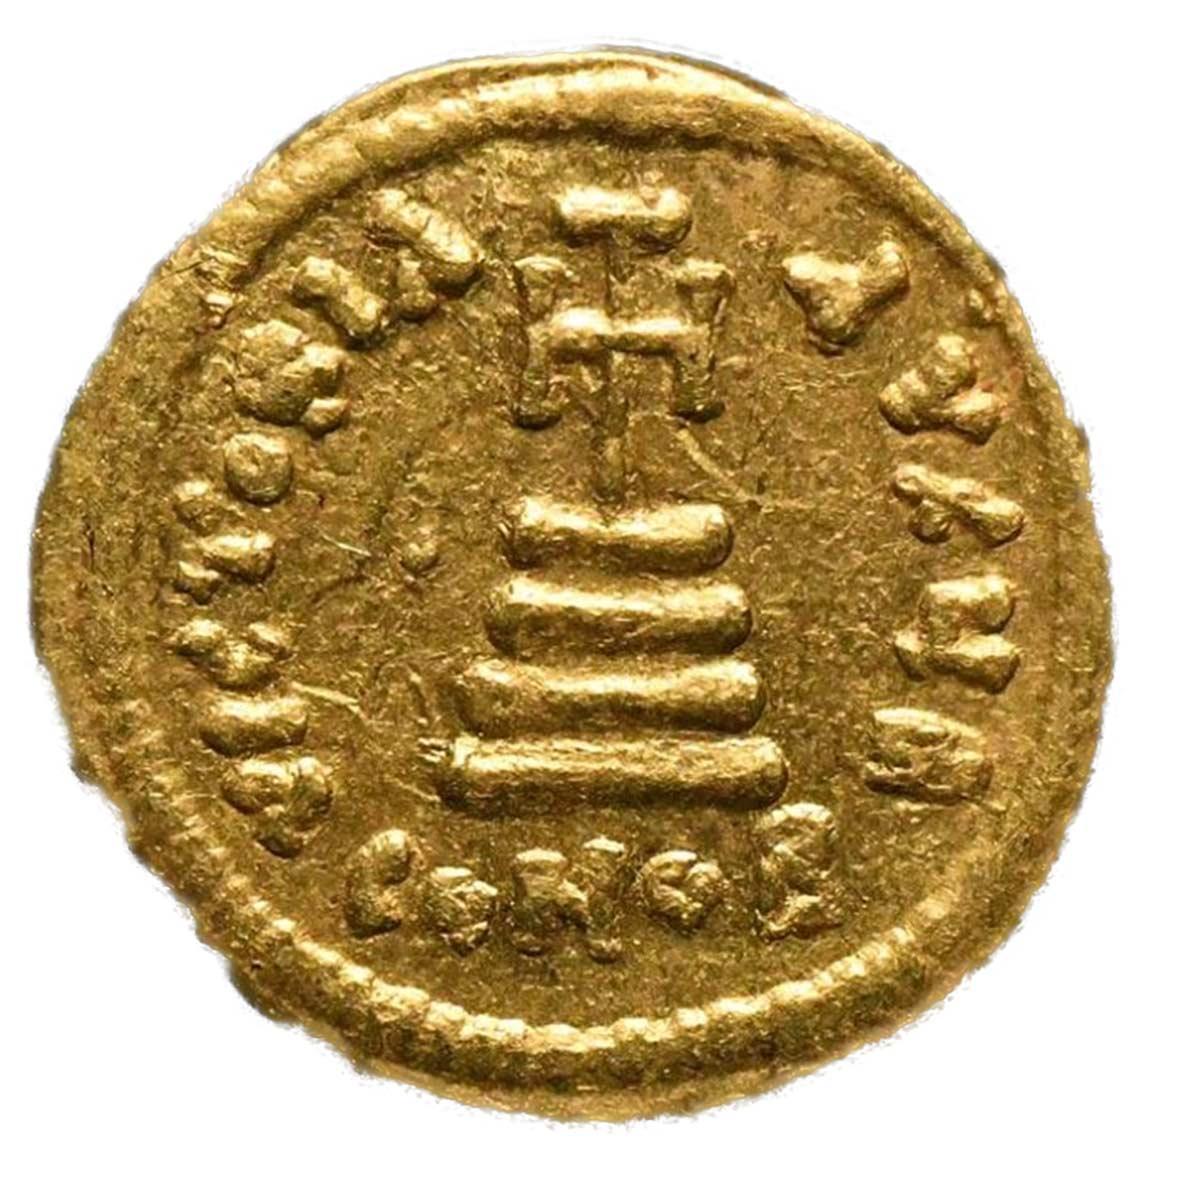 Impero bizantino Moneta in oro Solido di Eraclio Constantino